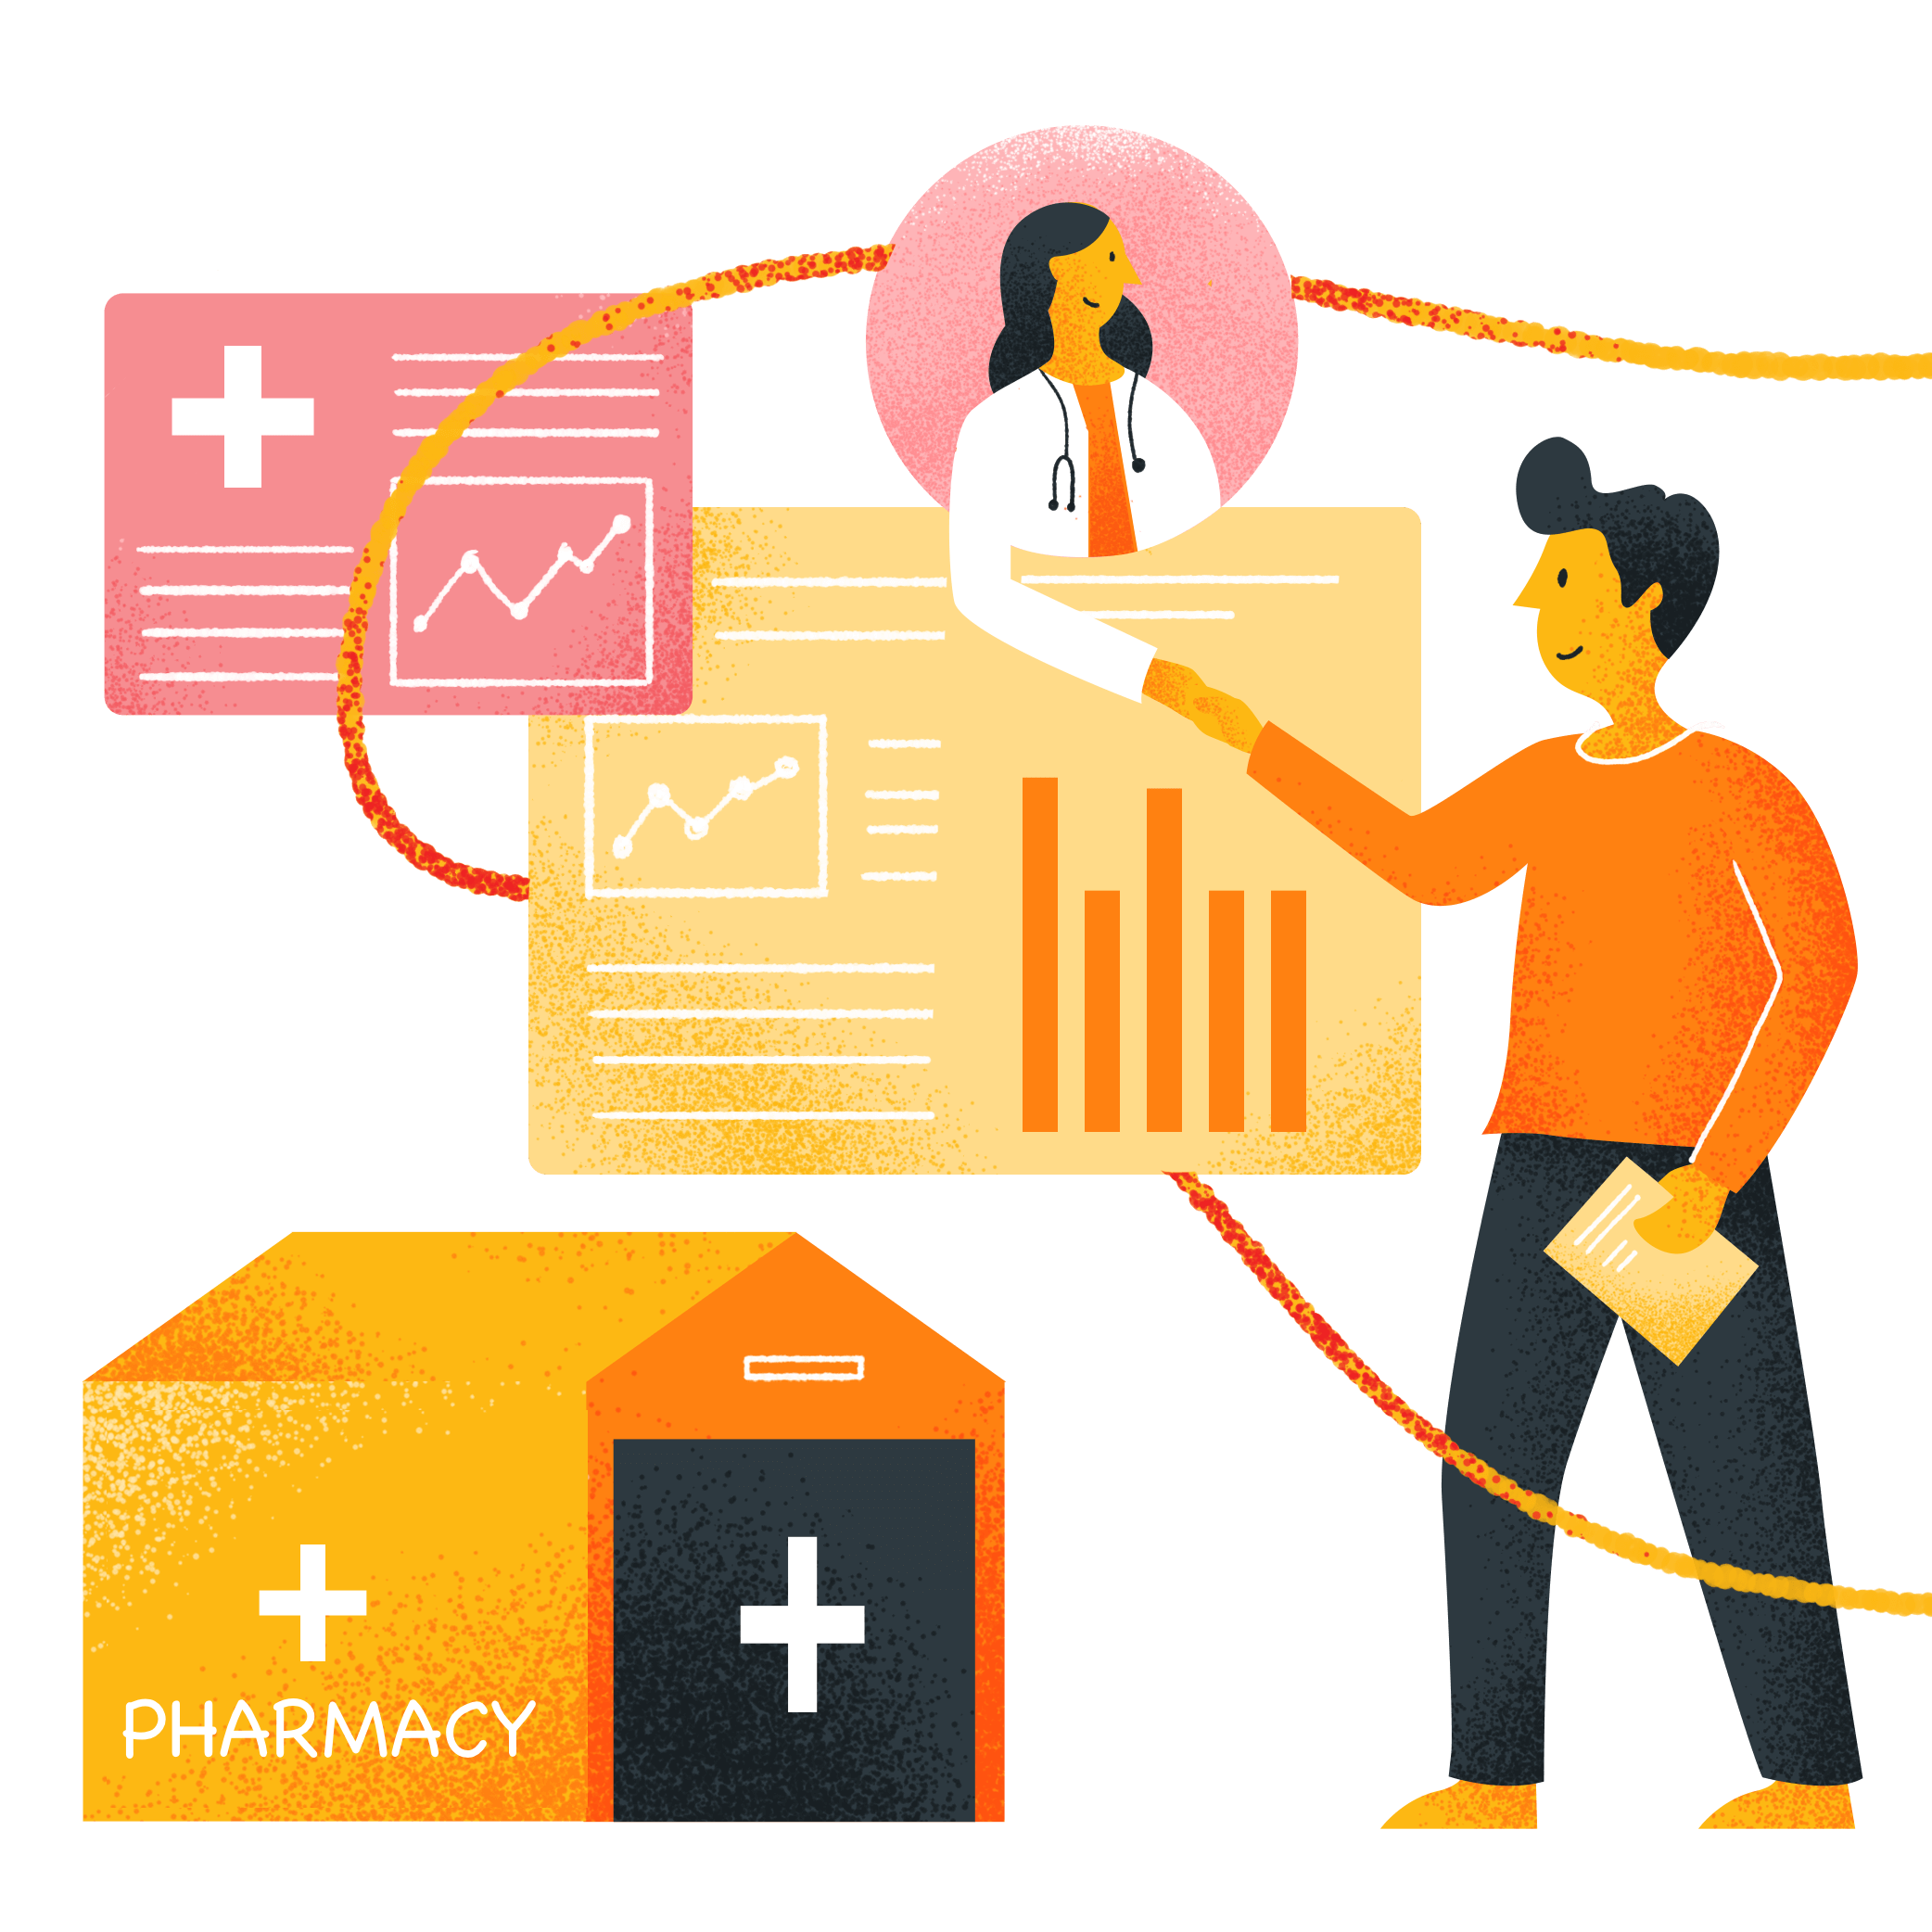 Phrazor for pharma